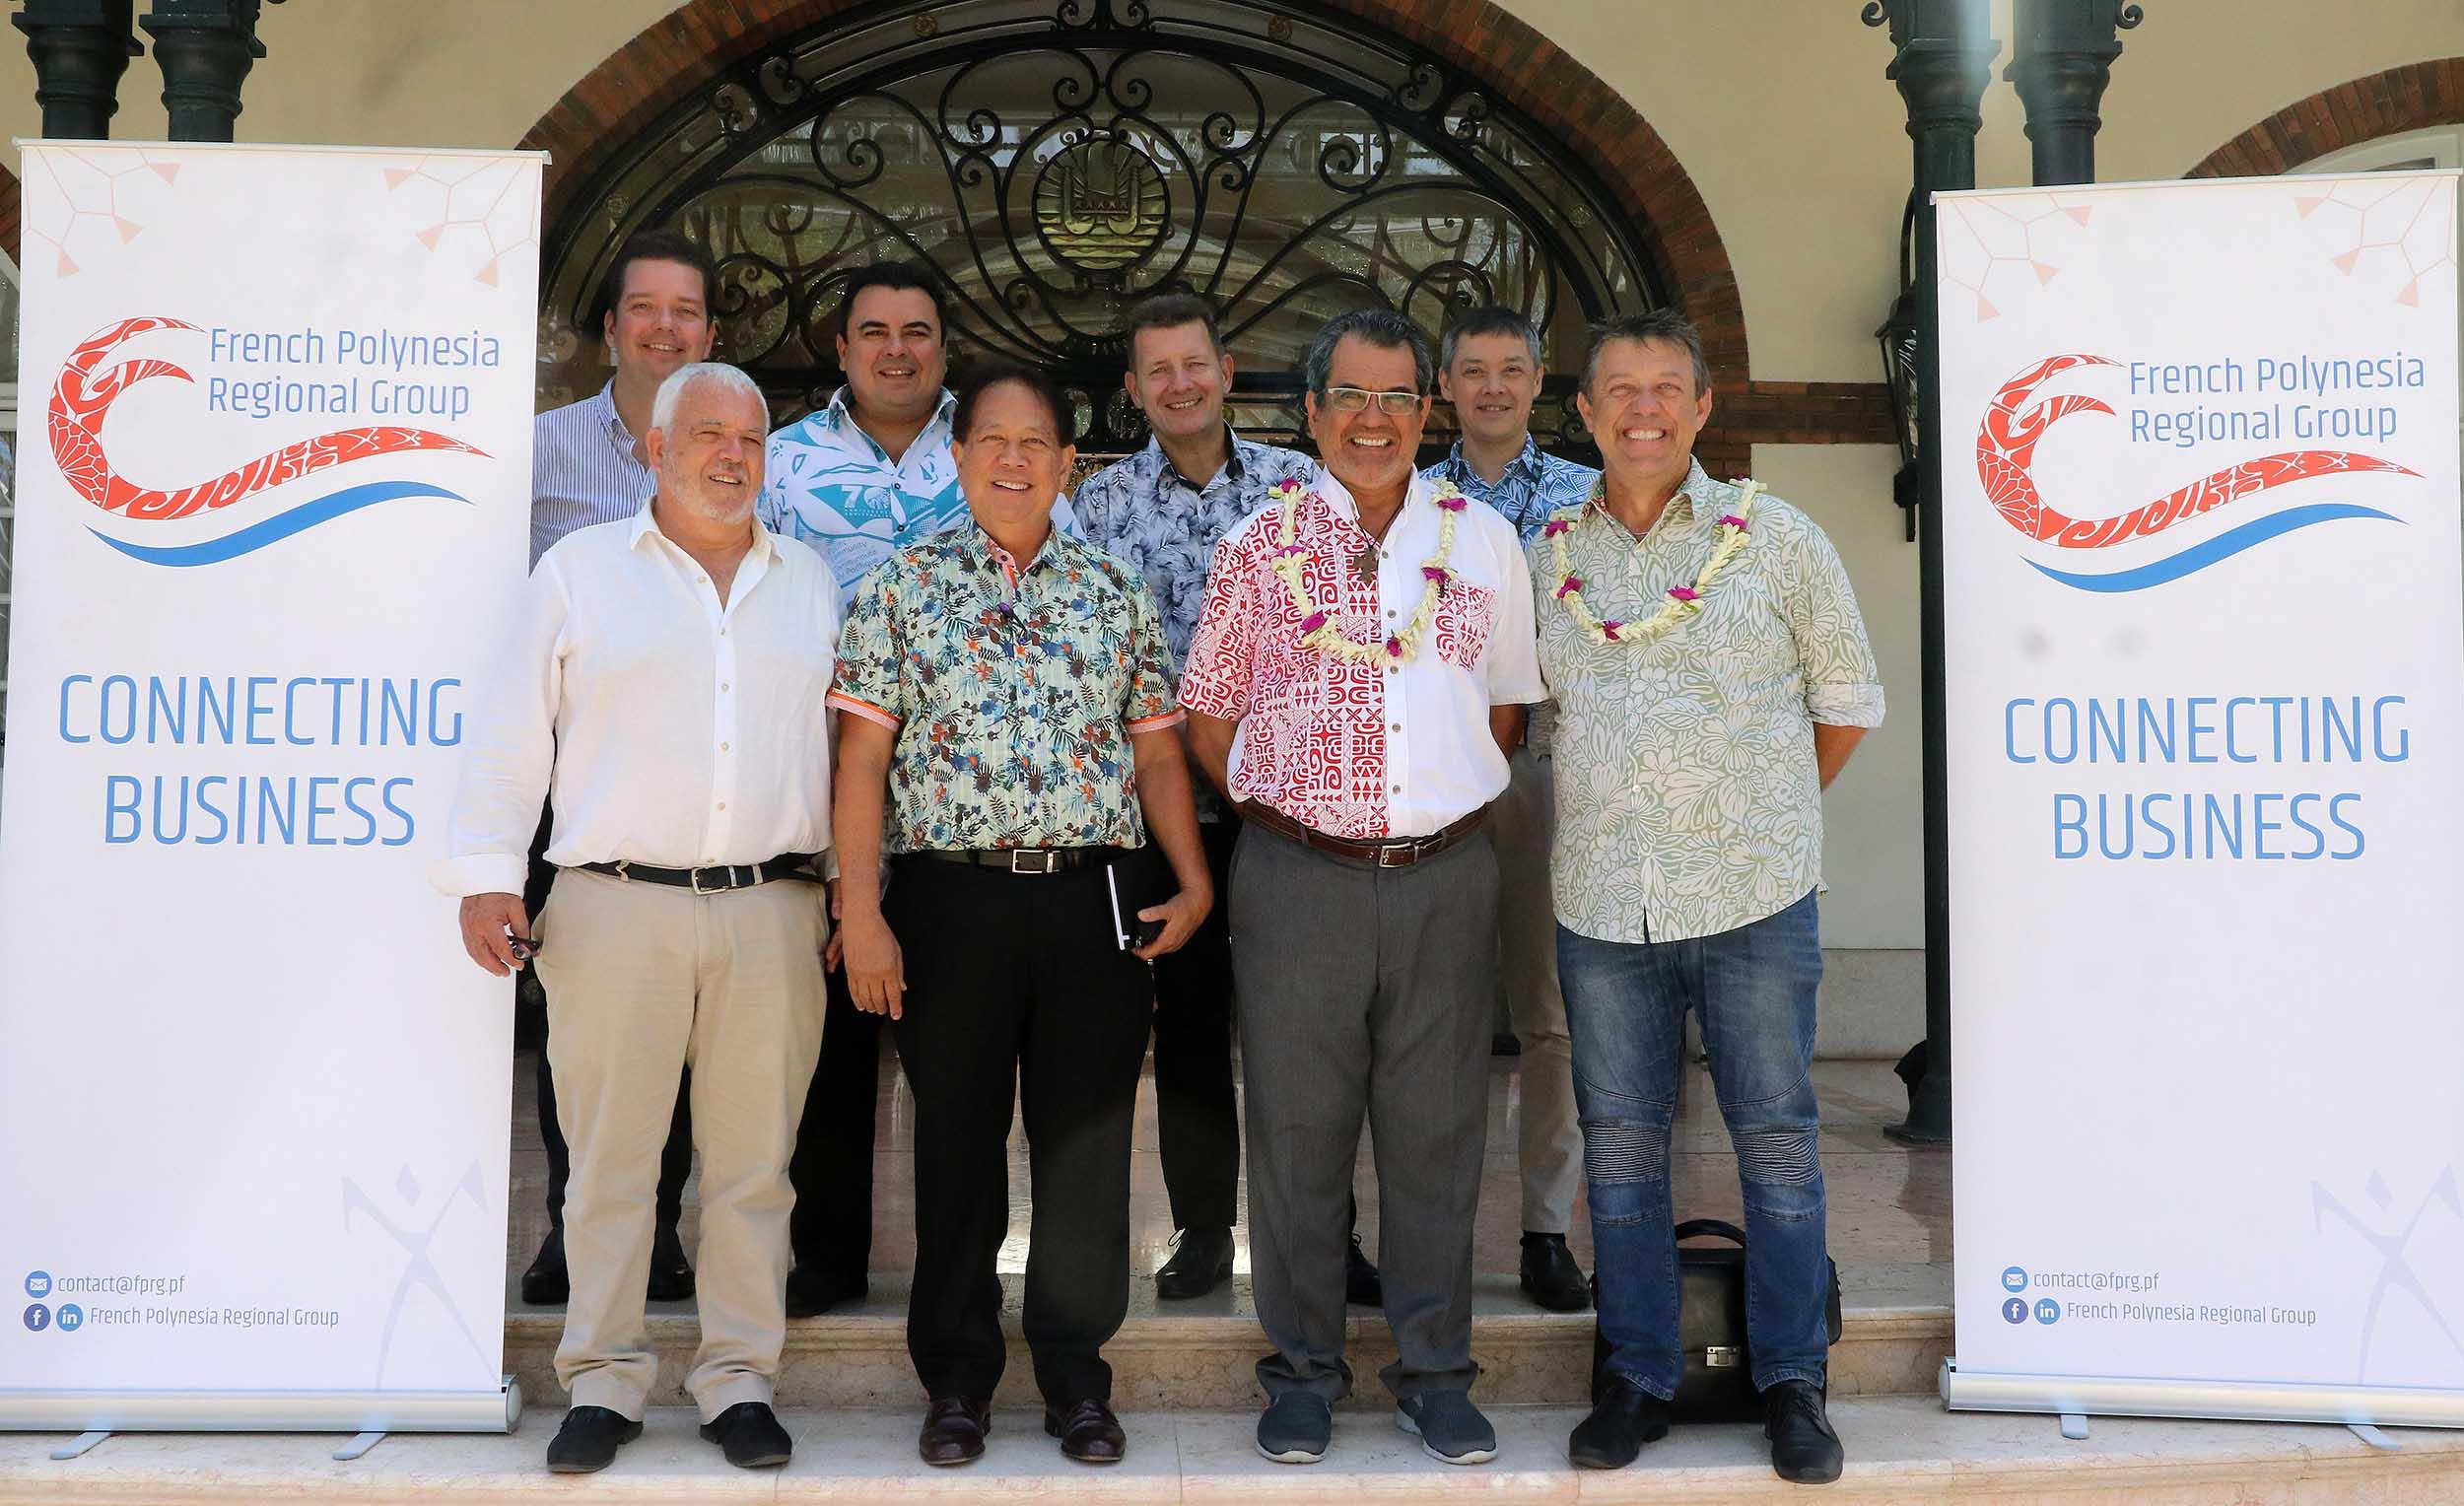 Le secteur privé polynésien crée son groupe dans le Pacifique